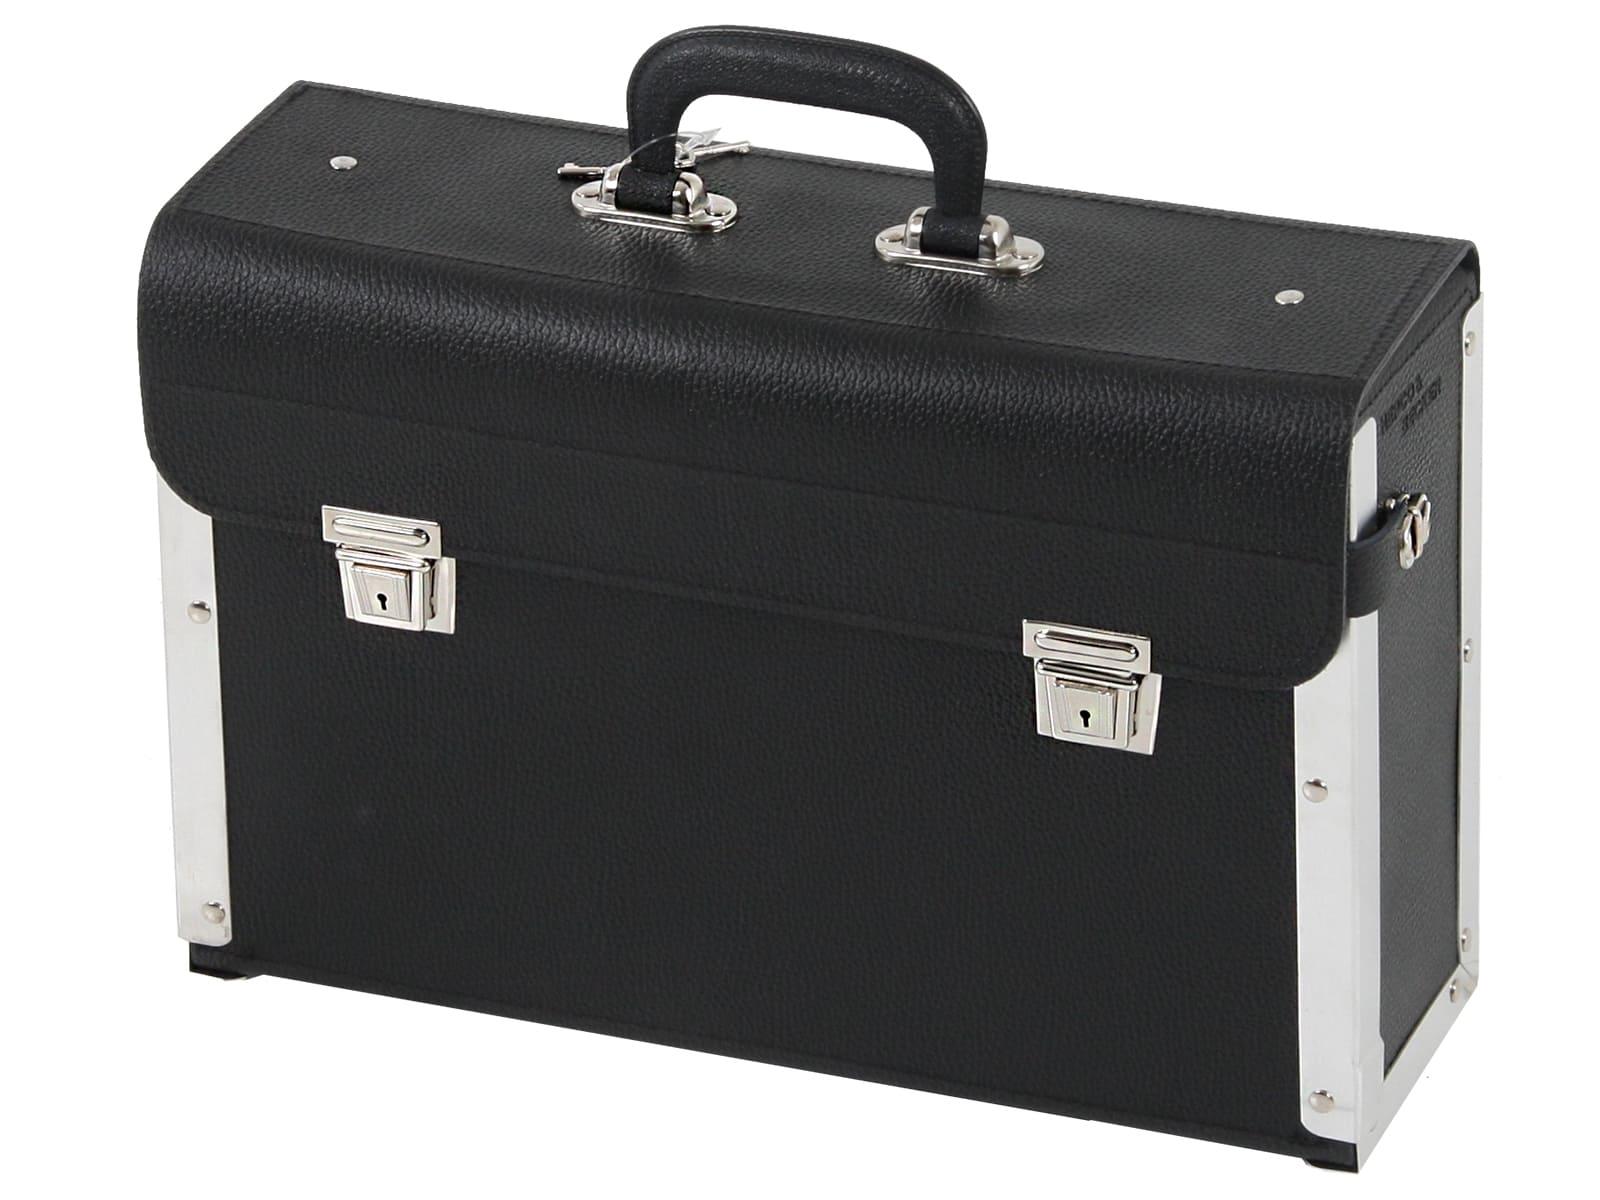 Werkzeugtasche Favorit Pro 7164